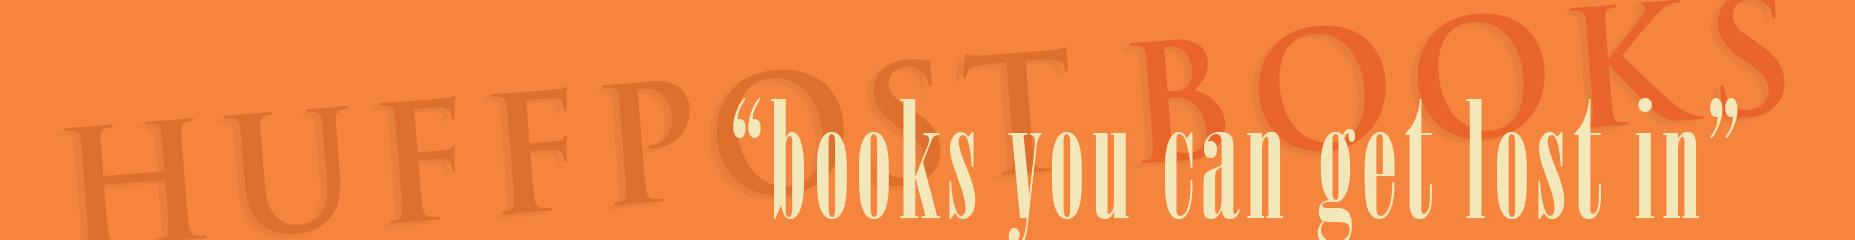 HuffpostBooks_BIG-BANNER